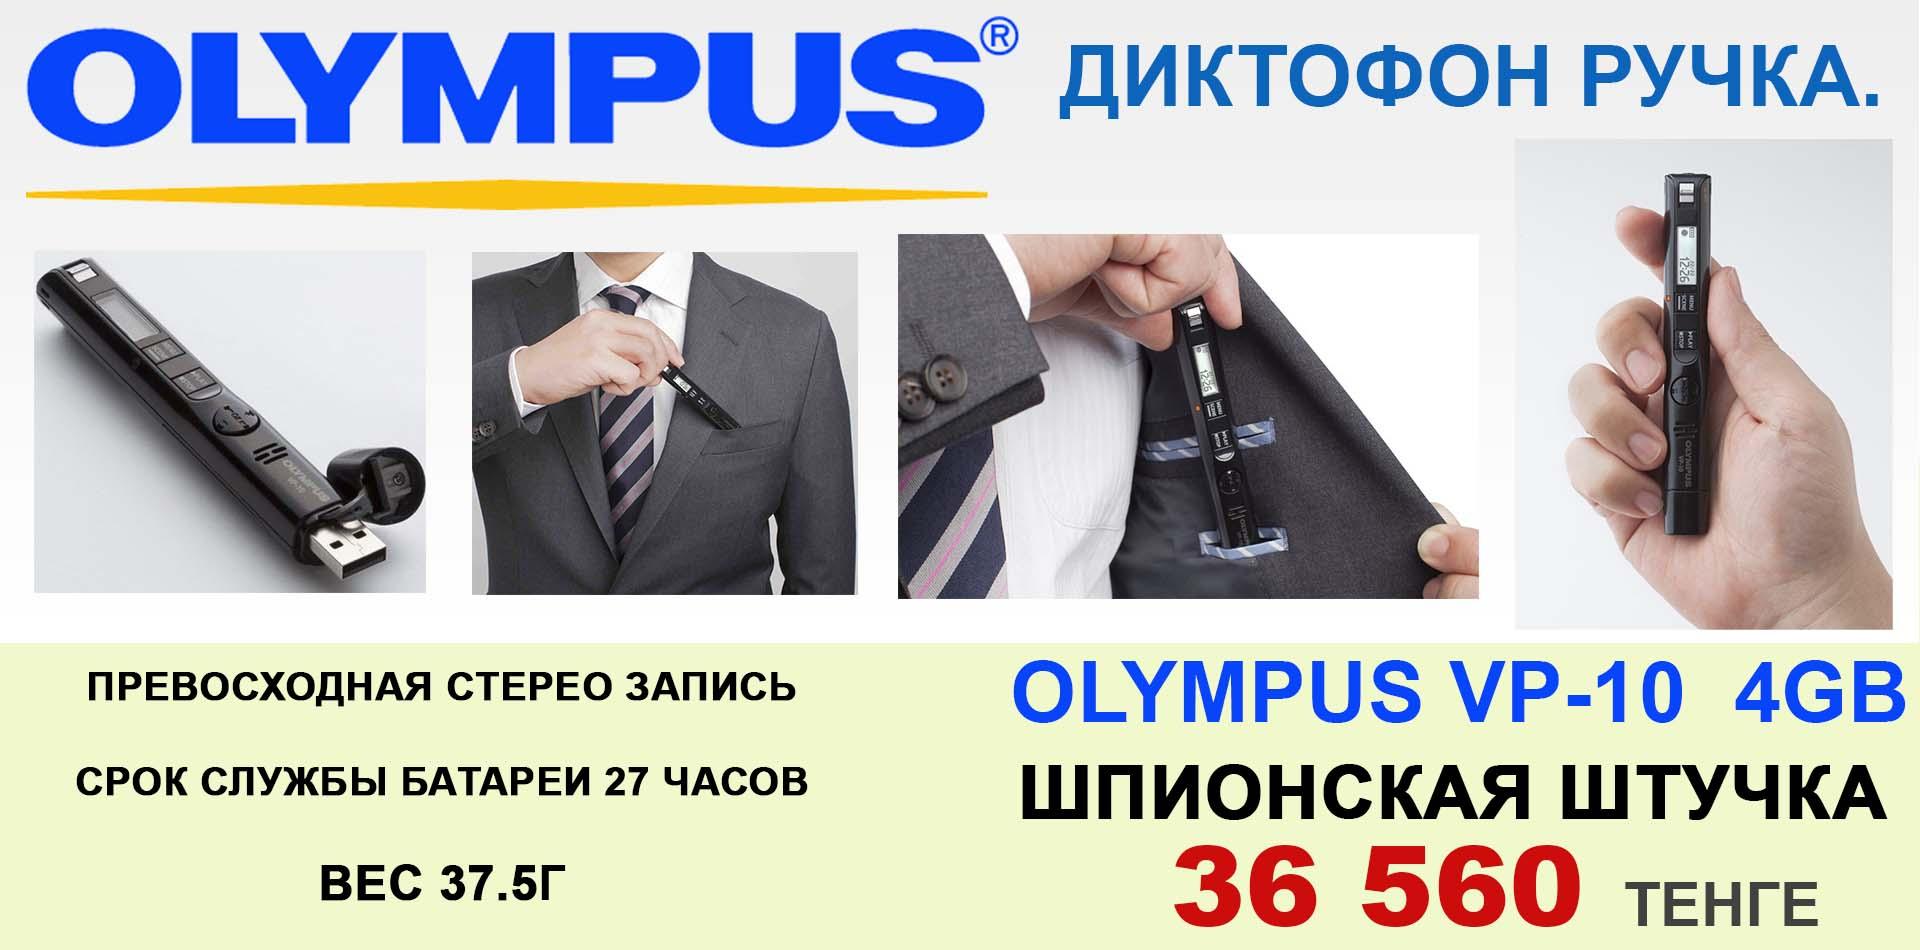 ДИКТОФОН OLYMPUS VP-10 4GB